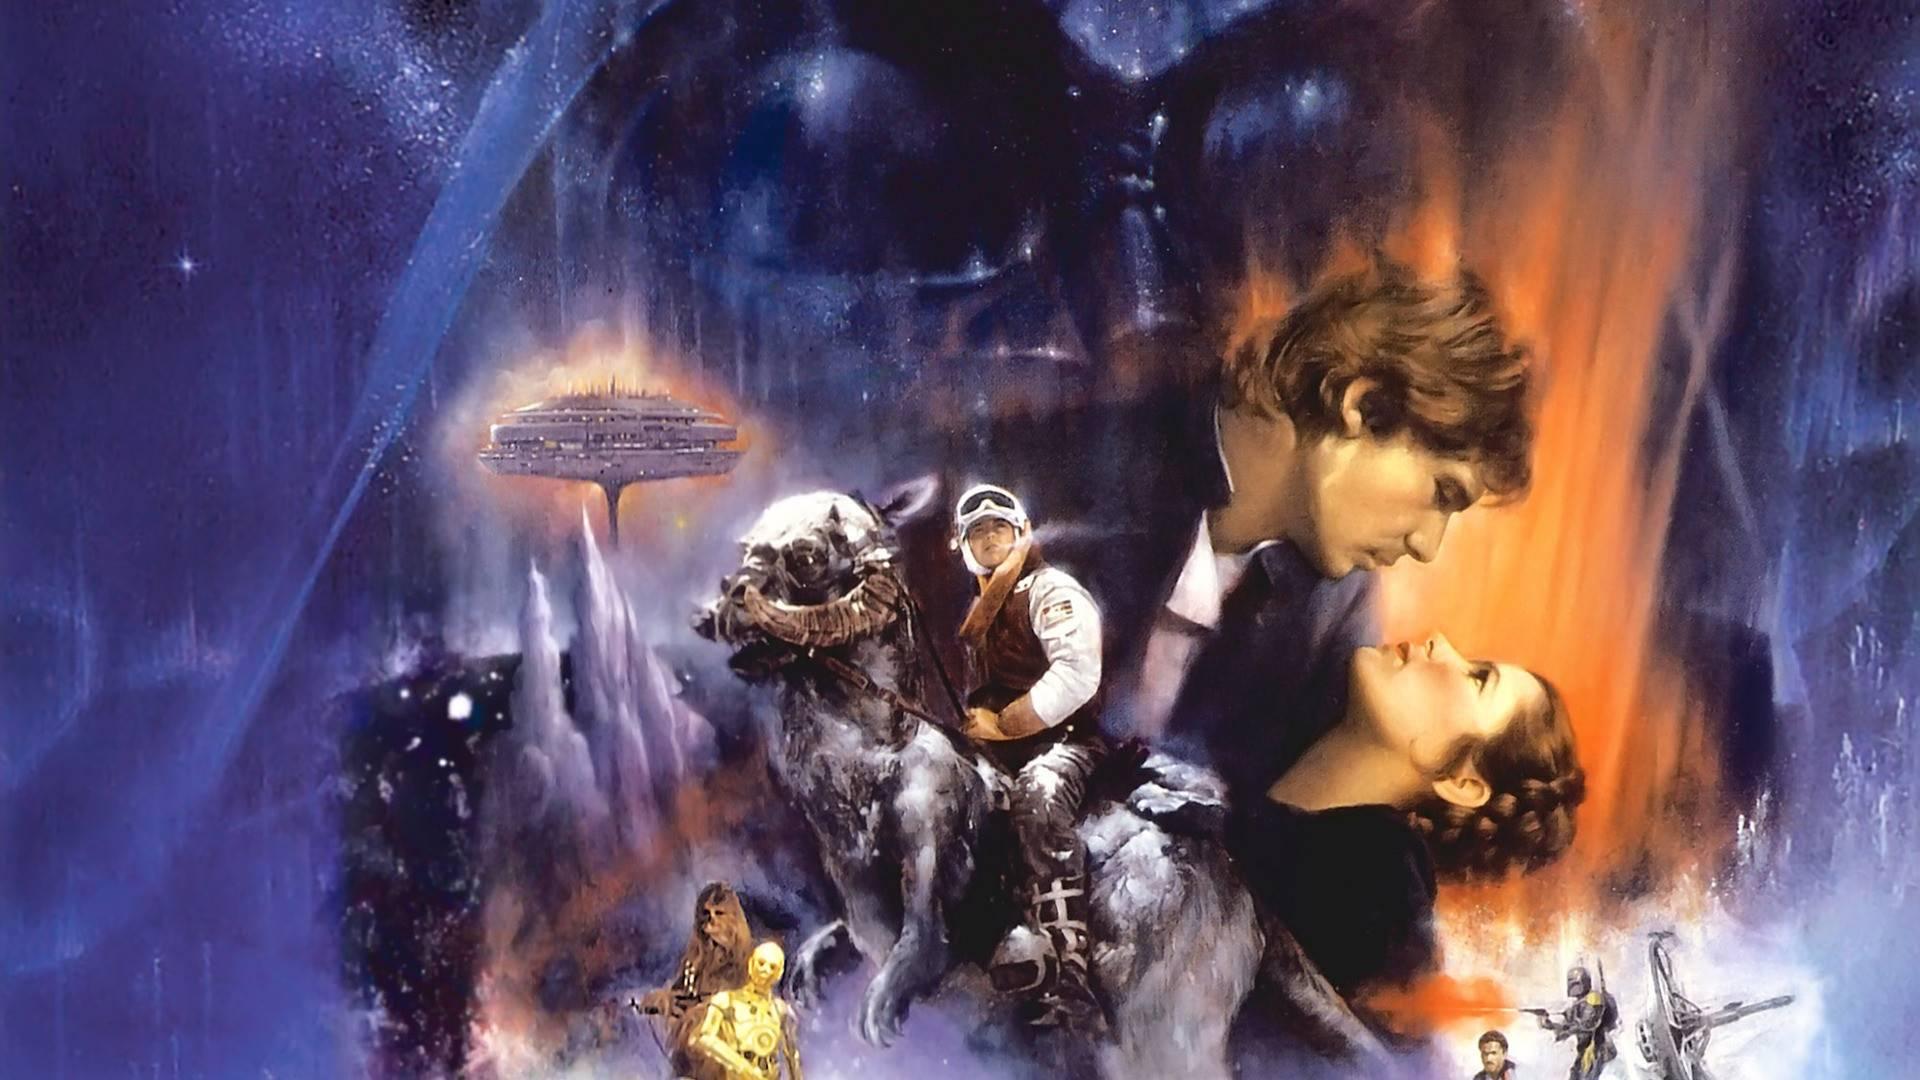 Редчайший постер для пятого эпизода «Звёздных войн» купили за $2